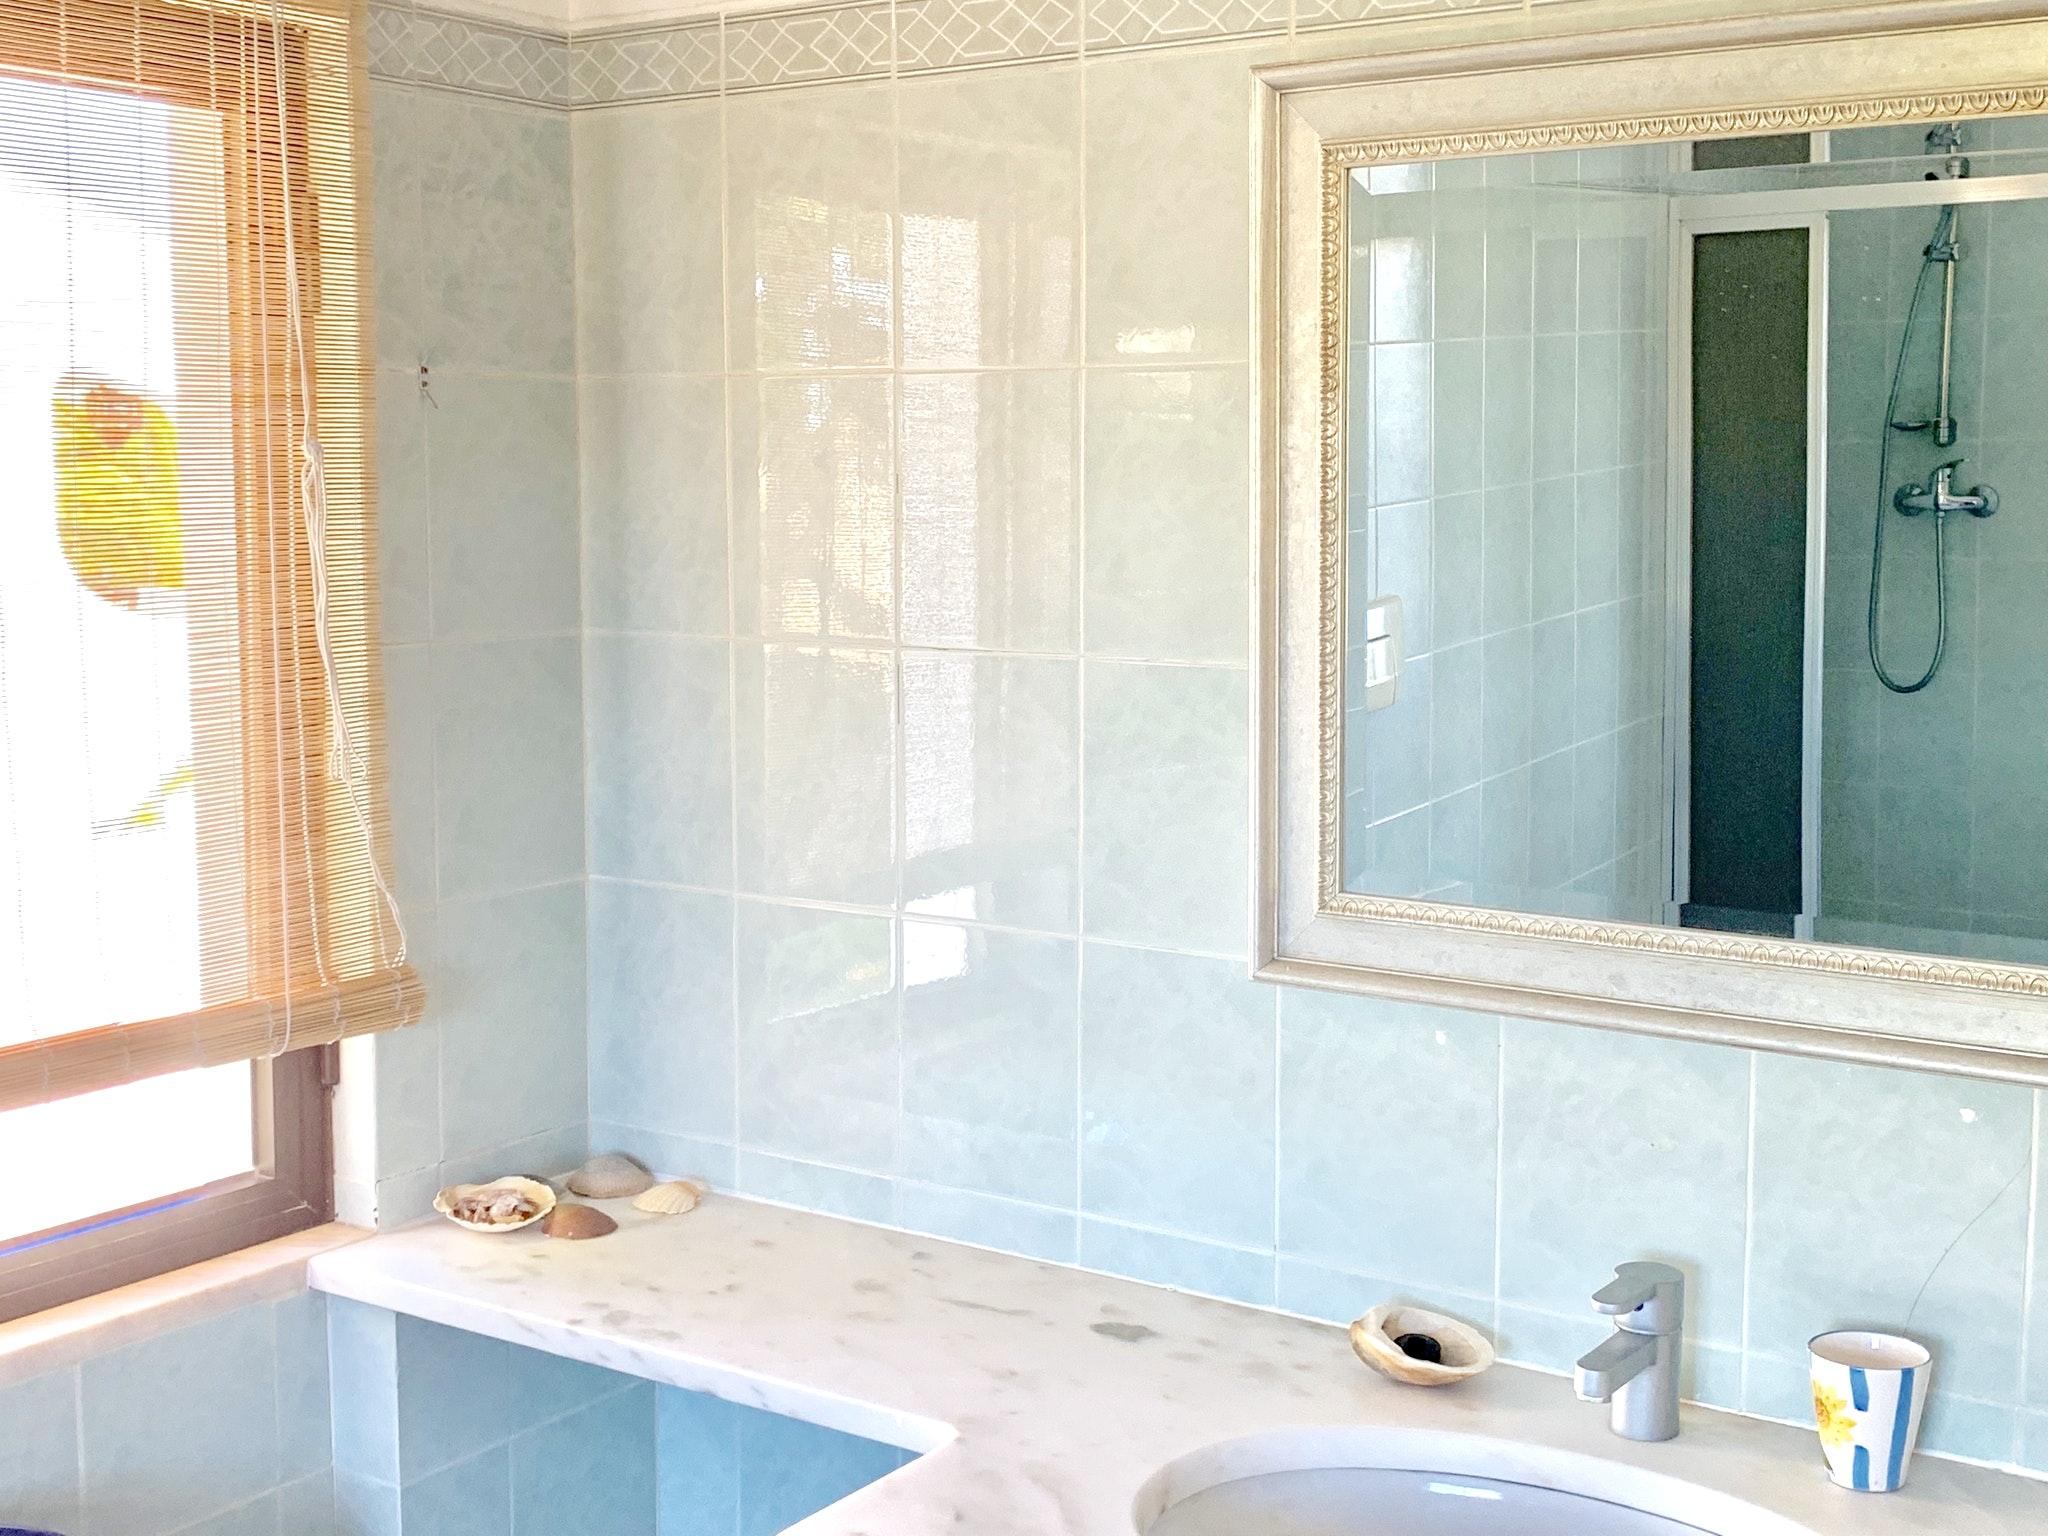 Ferienwohnung Wohnung mit 2 Schlafzimmern in Carvoeiro mit Pool, eingezäuntem Garten und W-LAN - 500 m v (2622212), Carvoeiro, , Algarve, Portugal, Bild 30